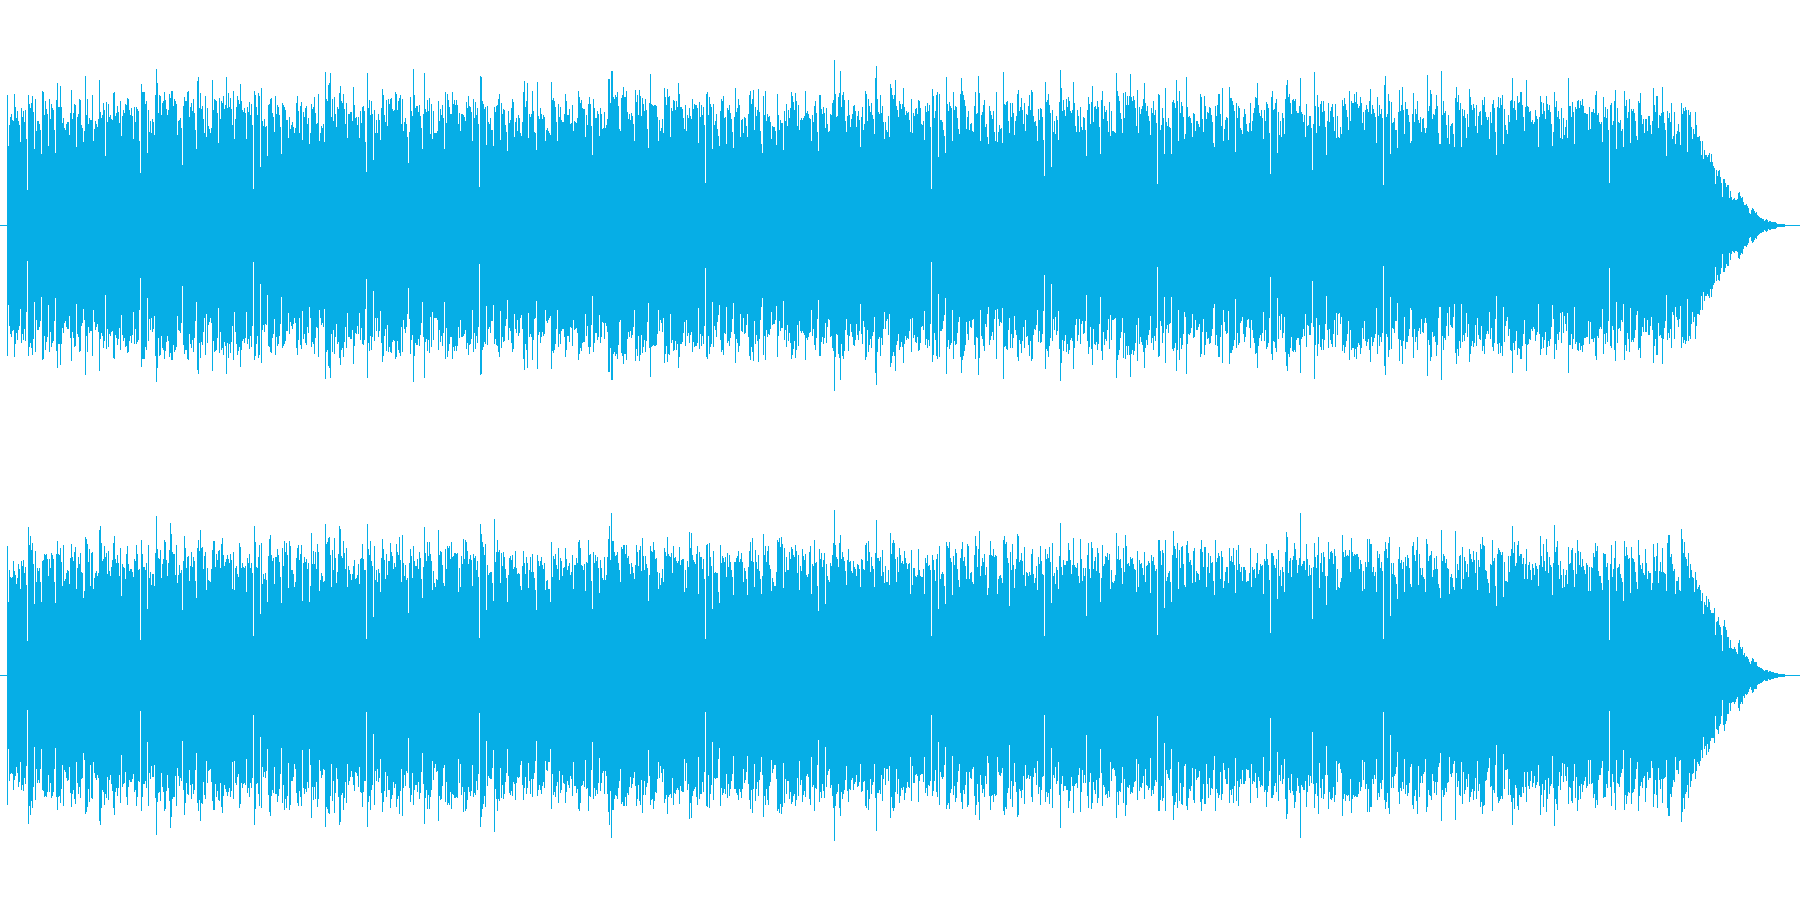 ダブステップ風の近未来的な4つ打ちEDMの再生済みの波形